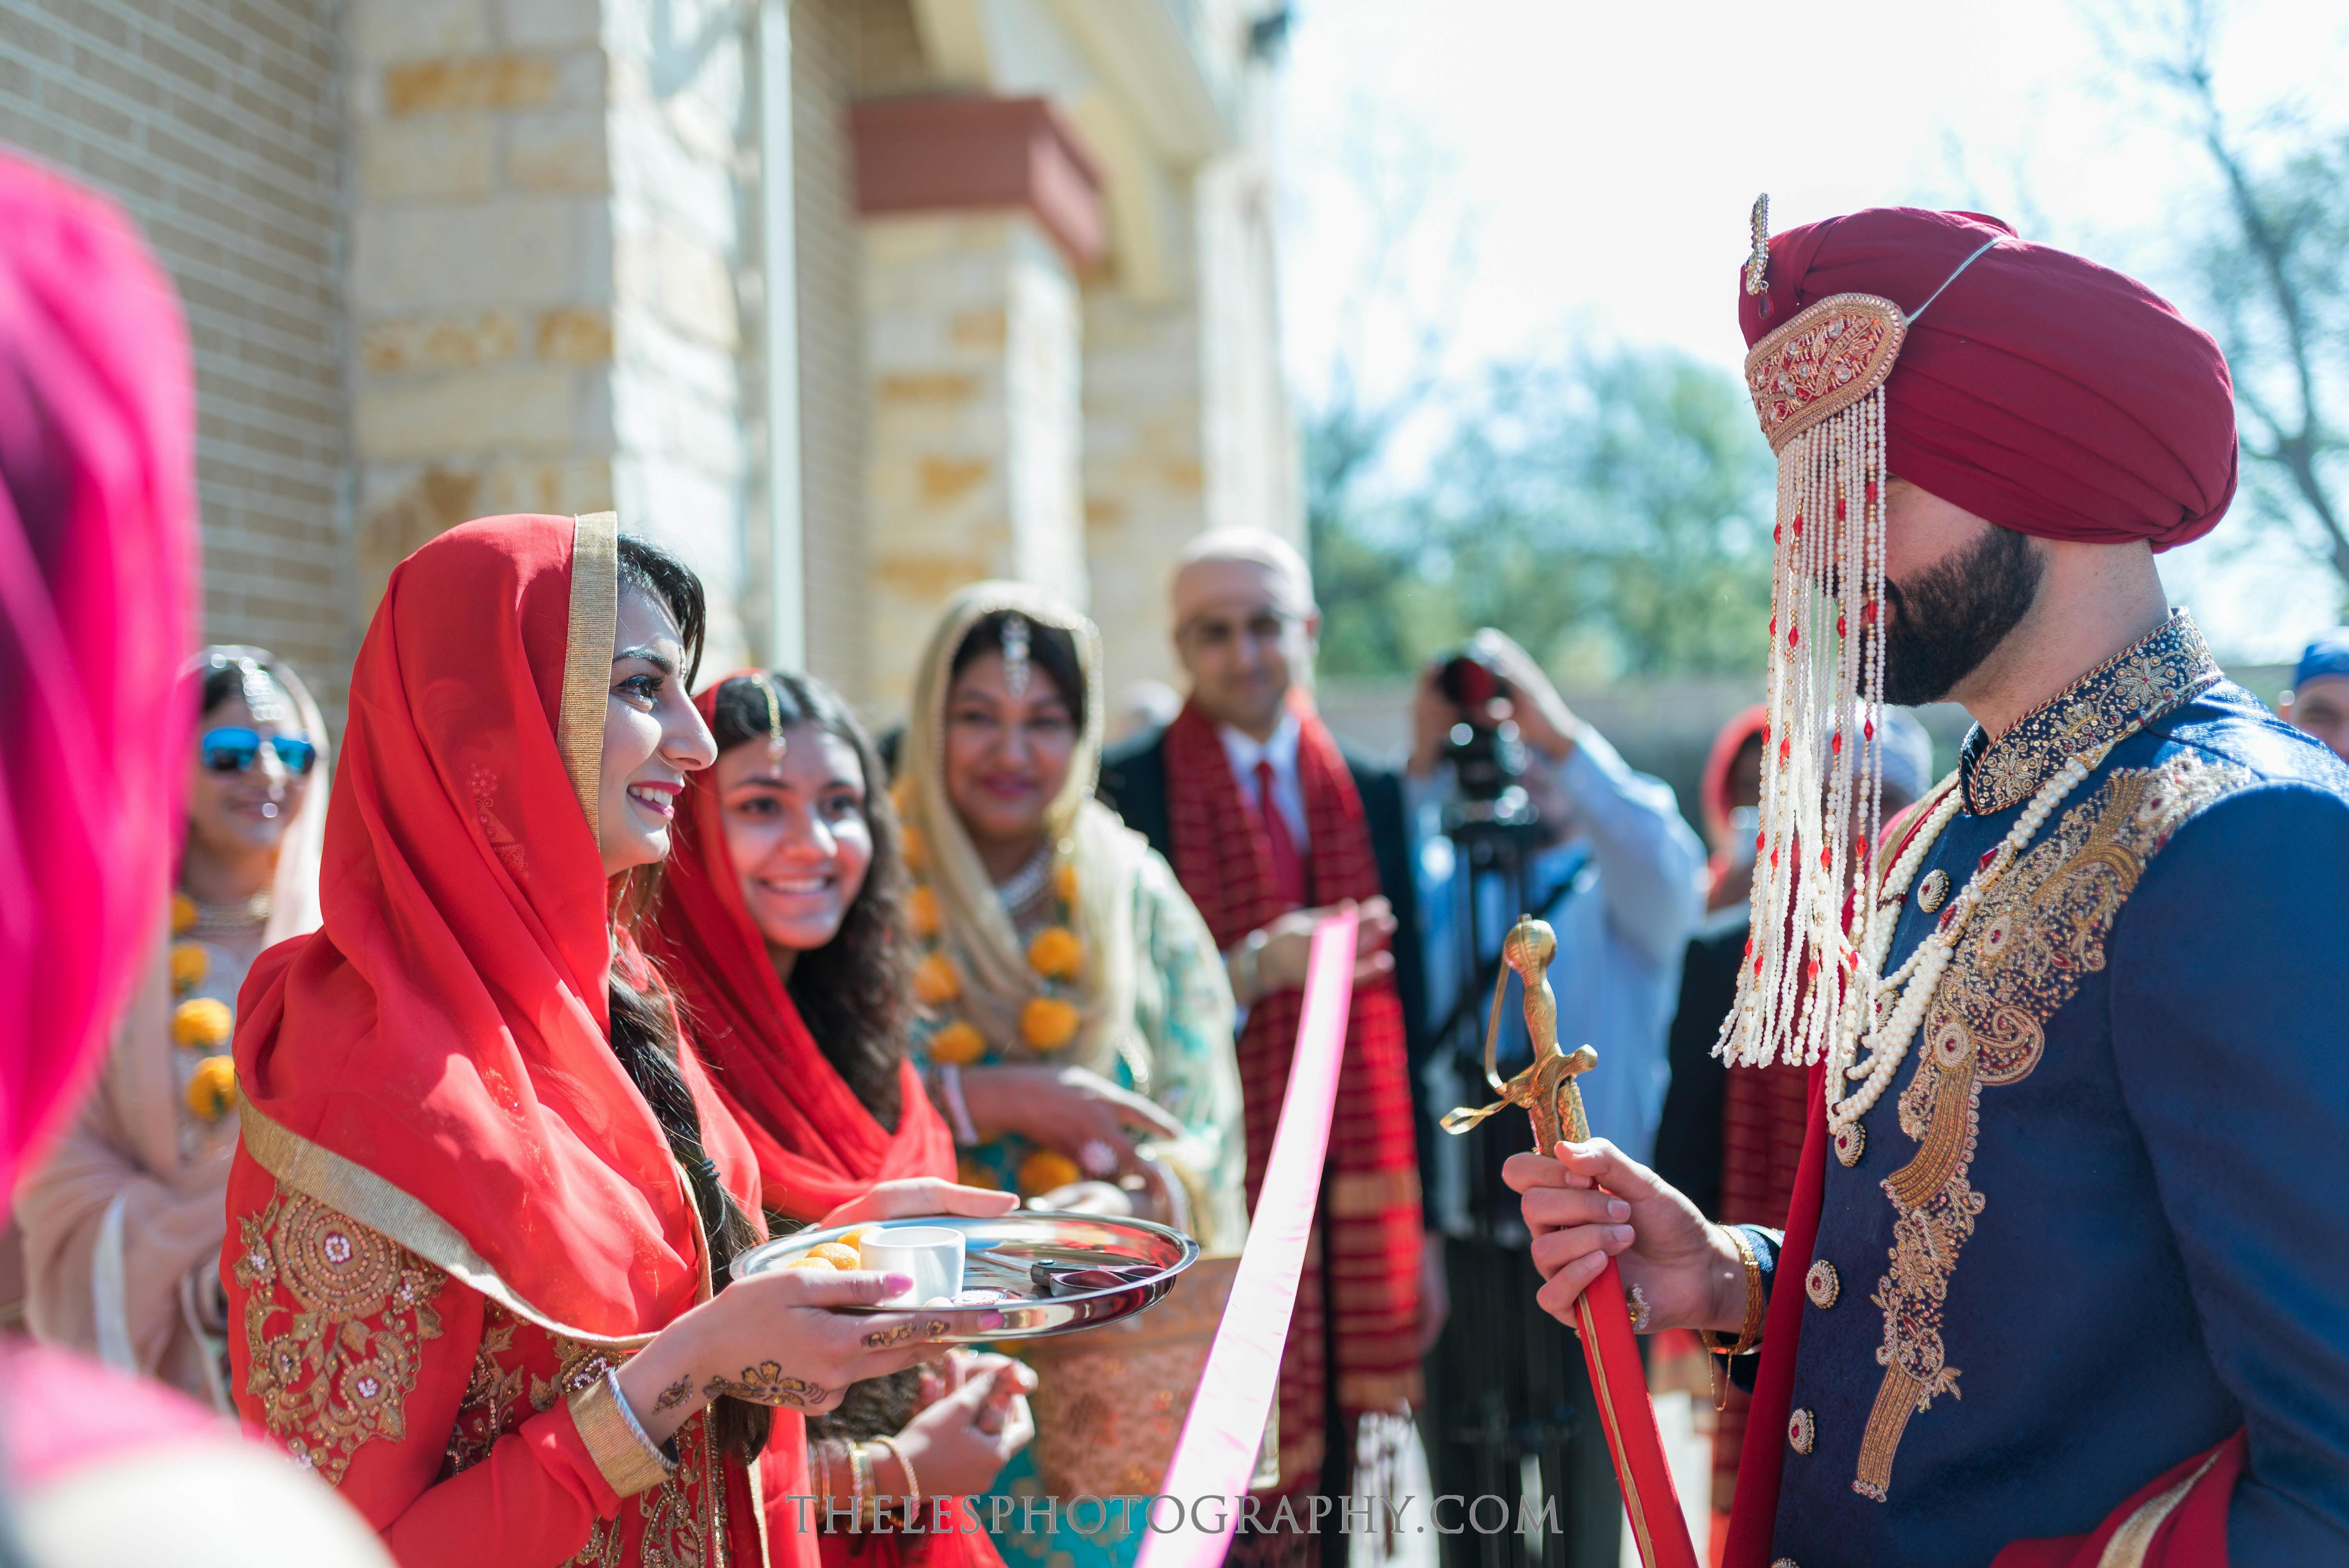 The Les Photography - Punjabi Wedding - Sikh Indian Wedding - Dallas Wedding Photographer 27